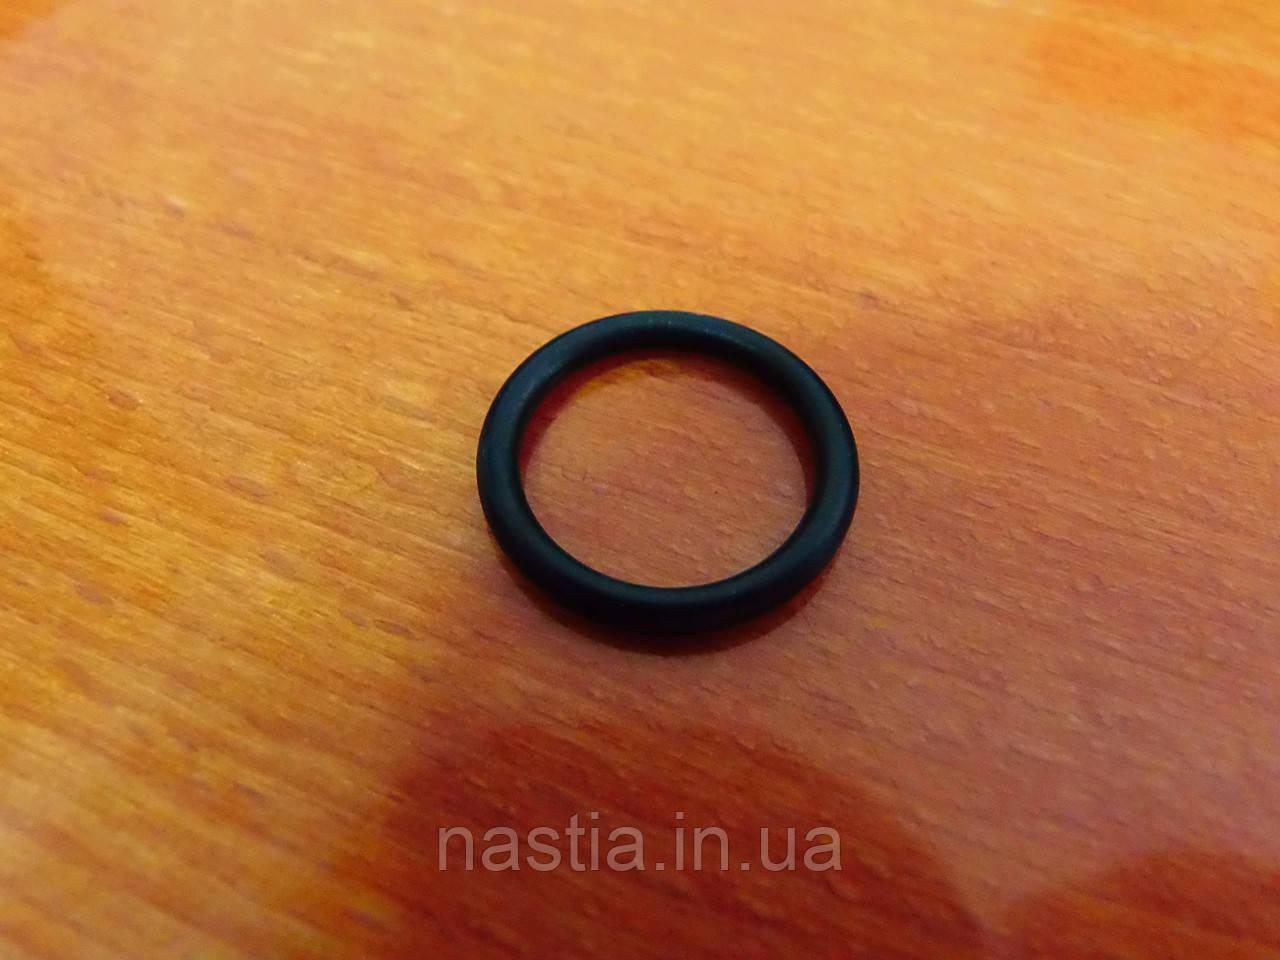 NM03.013 Гумовий ущільнювач(на шнек для контейнеру для сипучих продуктів), OR 0150-23, Vending